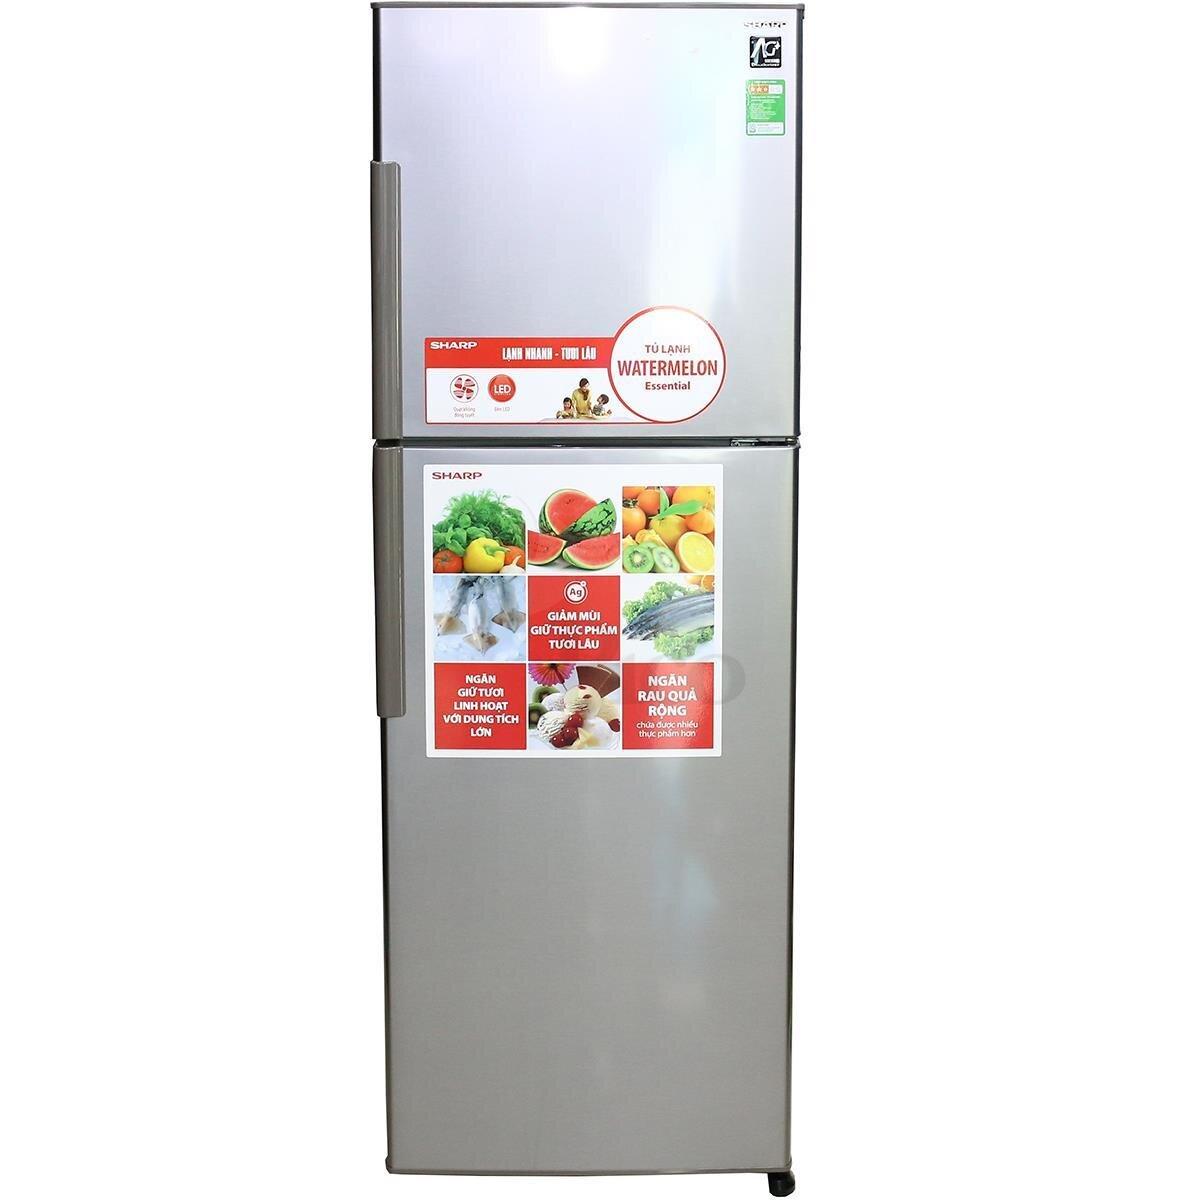 Báo giá tủ lạnh Sharp chính hãng rẻ nhất thị trường tháng 3/2017